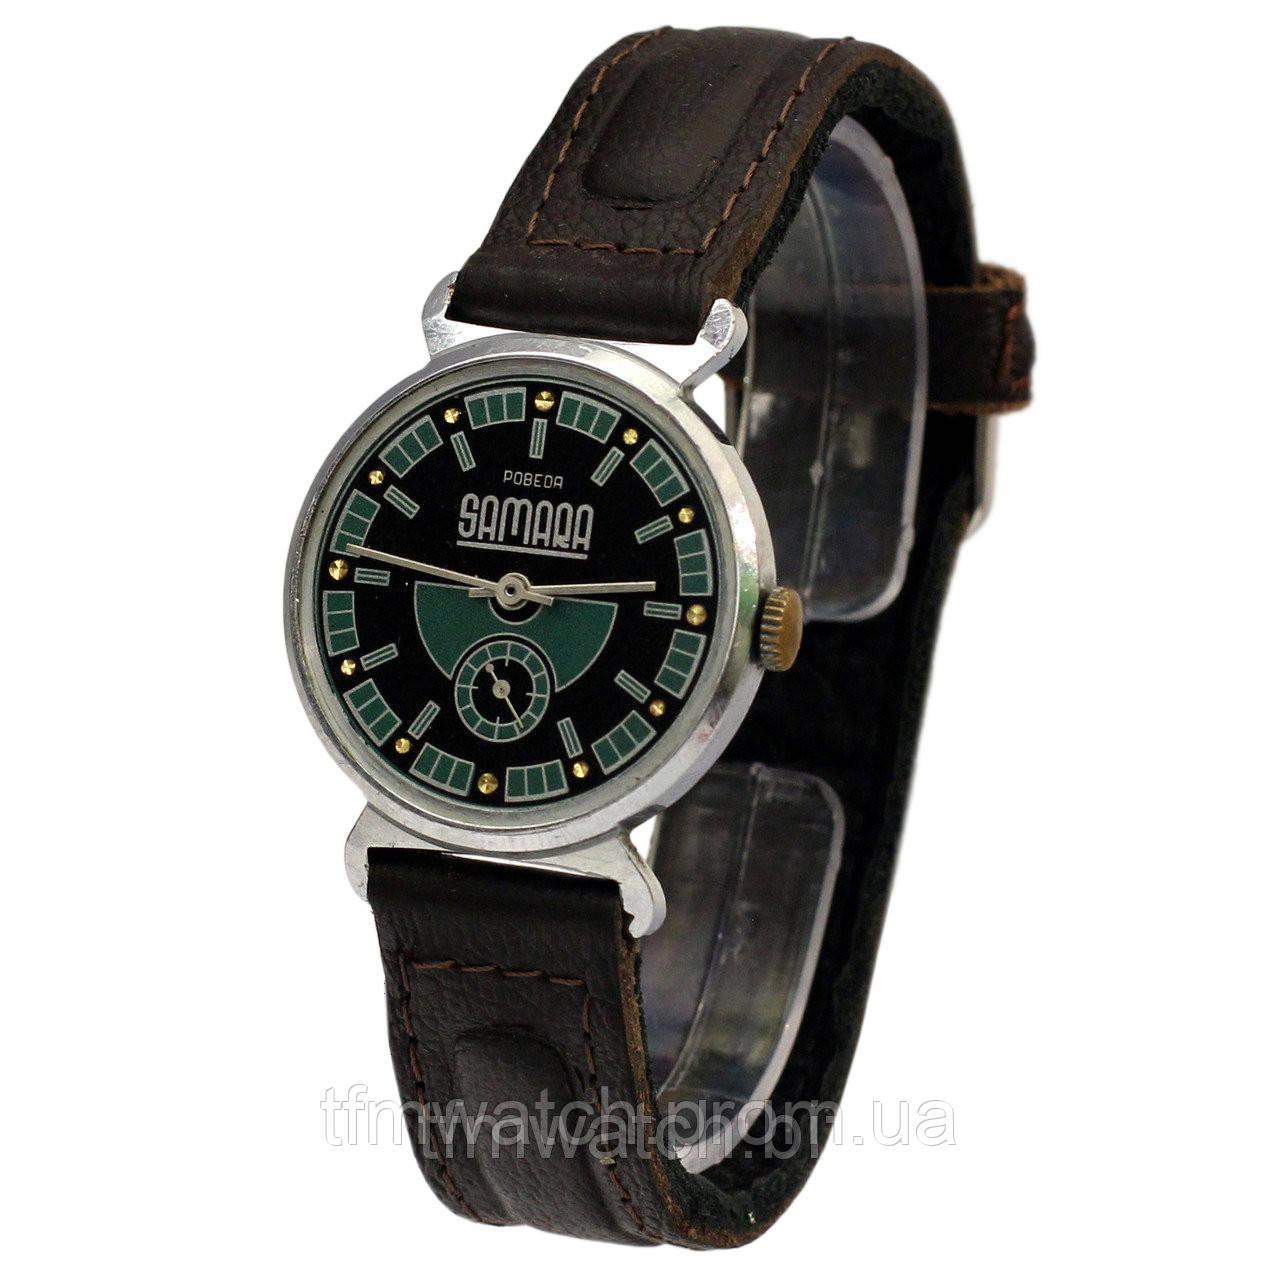 Часы самаре продать часовом ломбарде перспектива отзывы